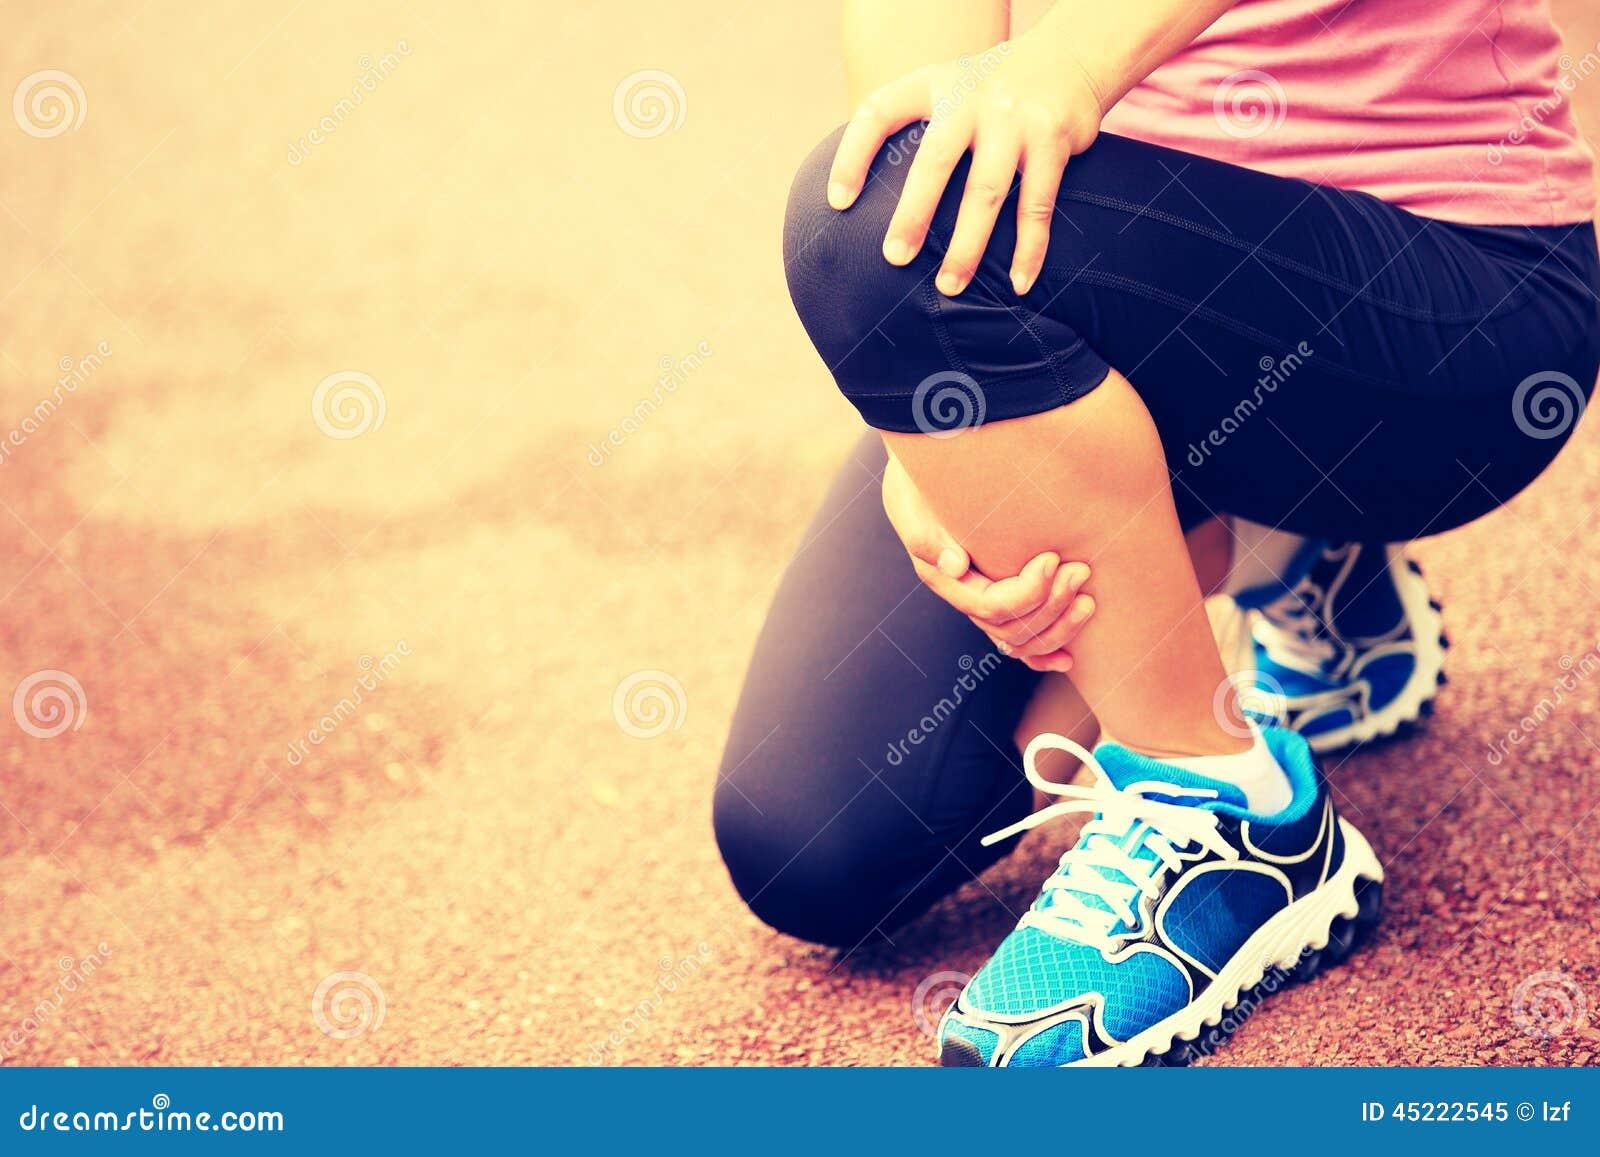 Ο δρομέας γυναικών κρατά το τραυματισμένο γόνατό της